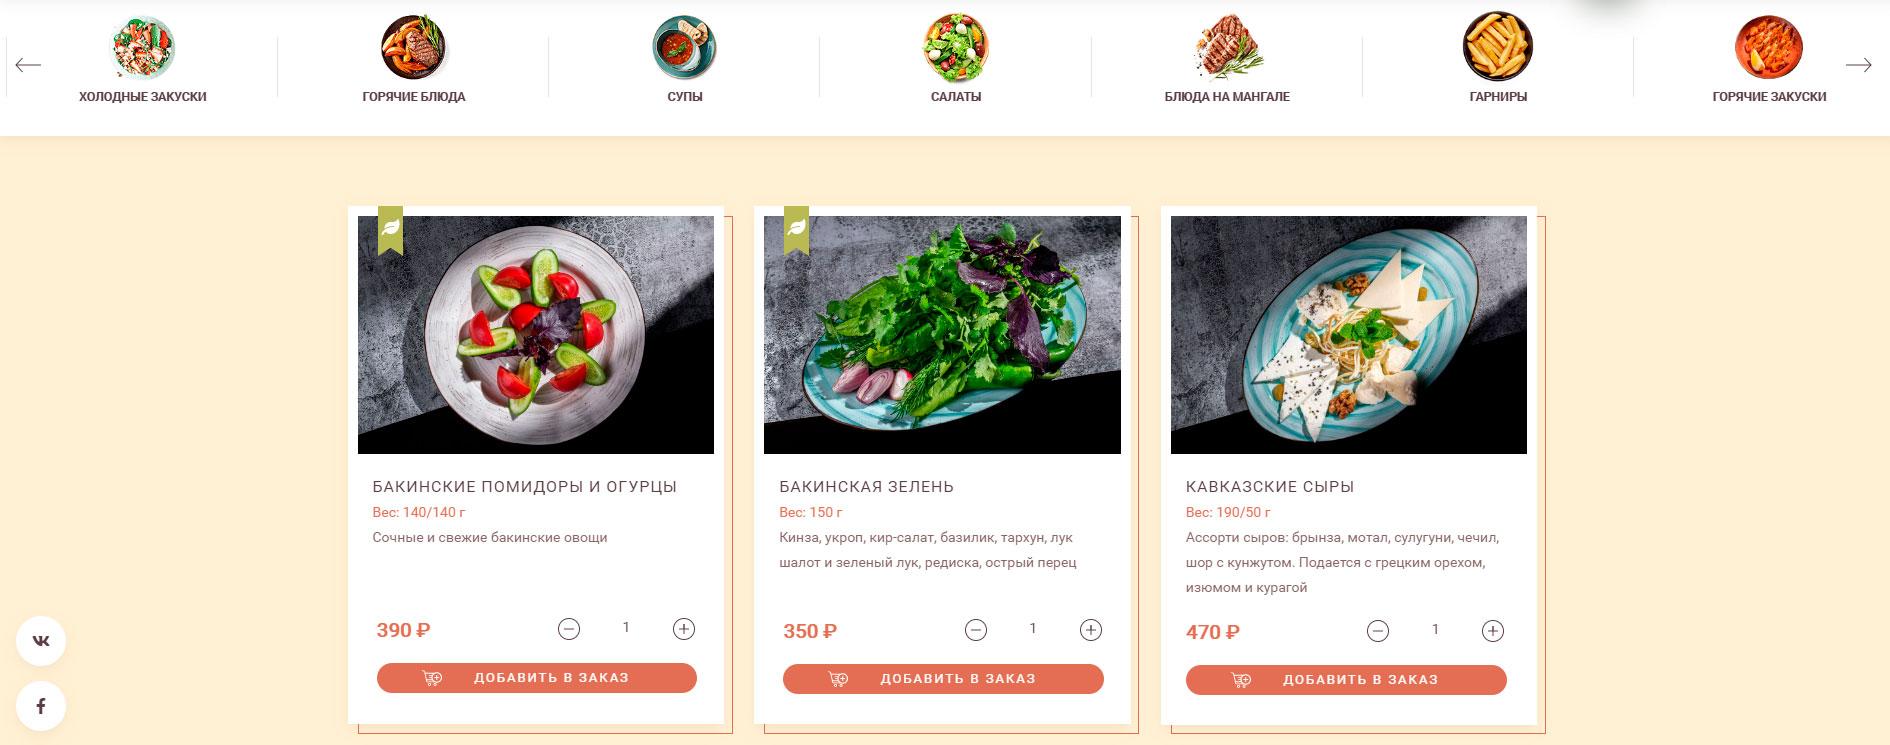 Удобство использования меню и блюд